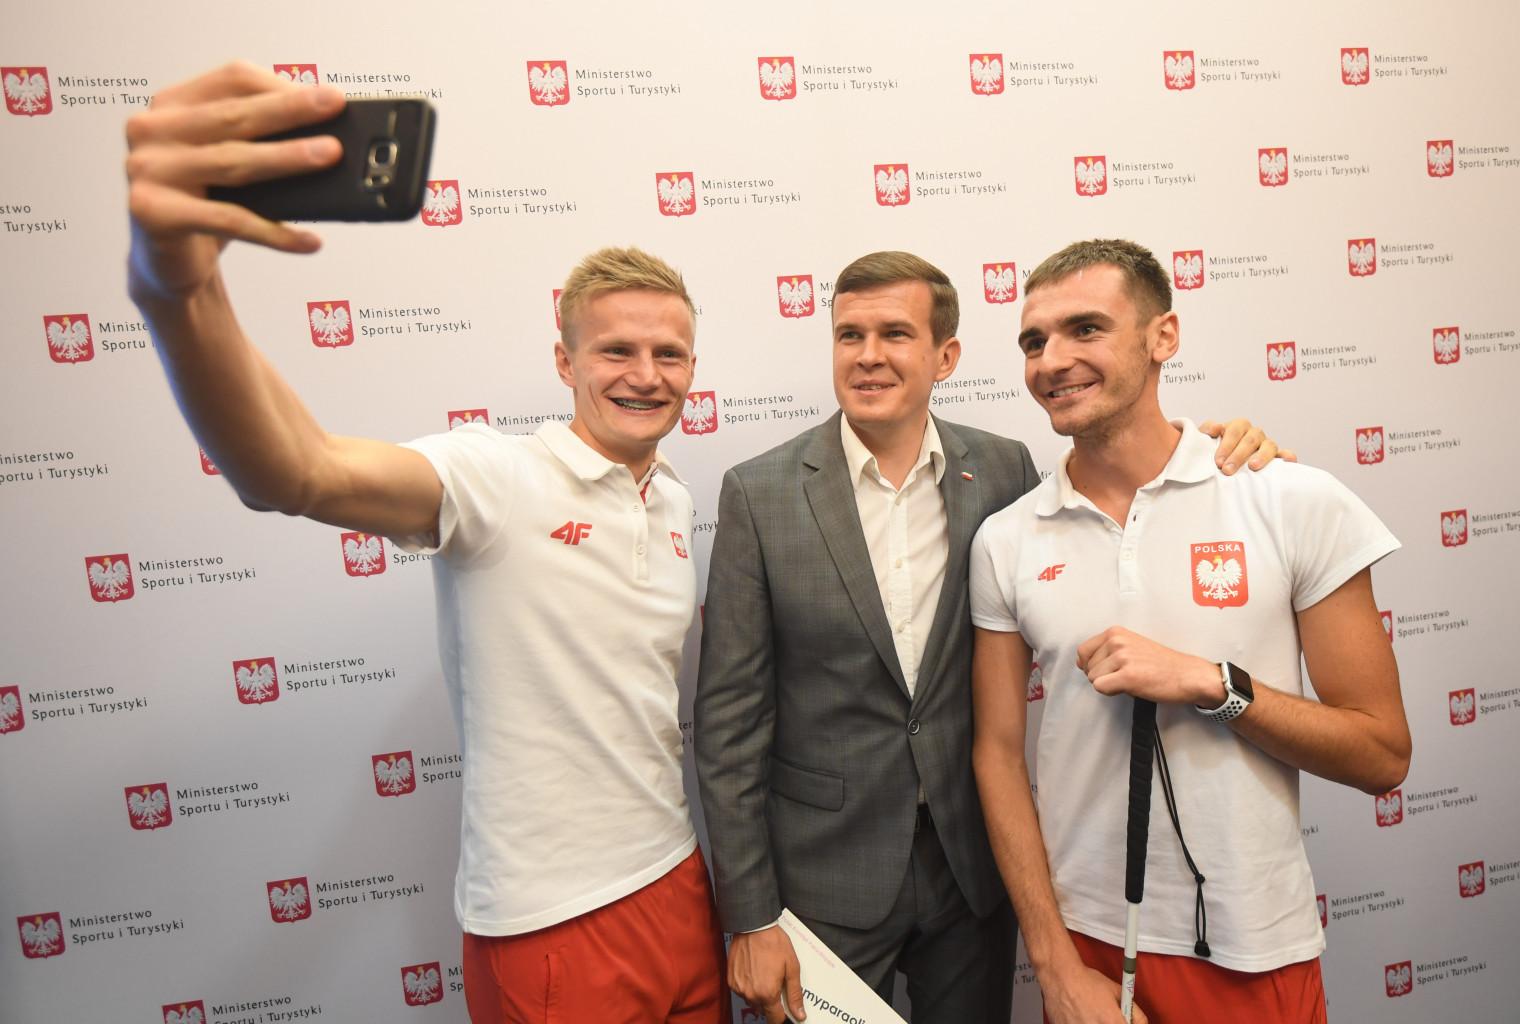 Minister Witold Bańka spotkał się z medalistami ME w Berlinie